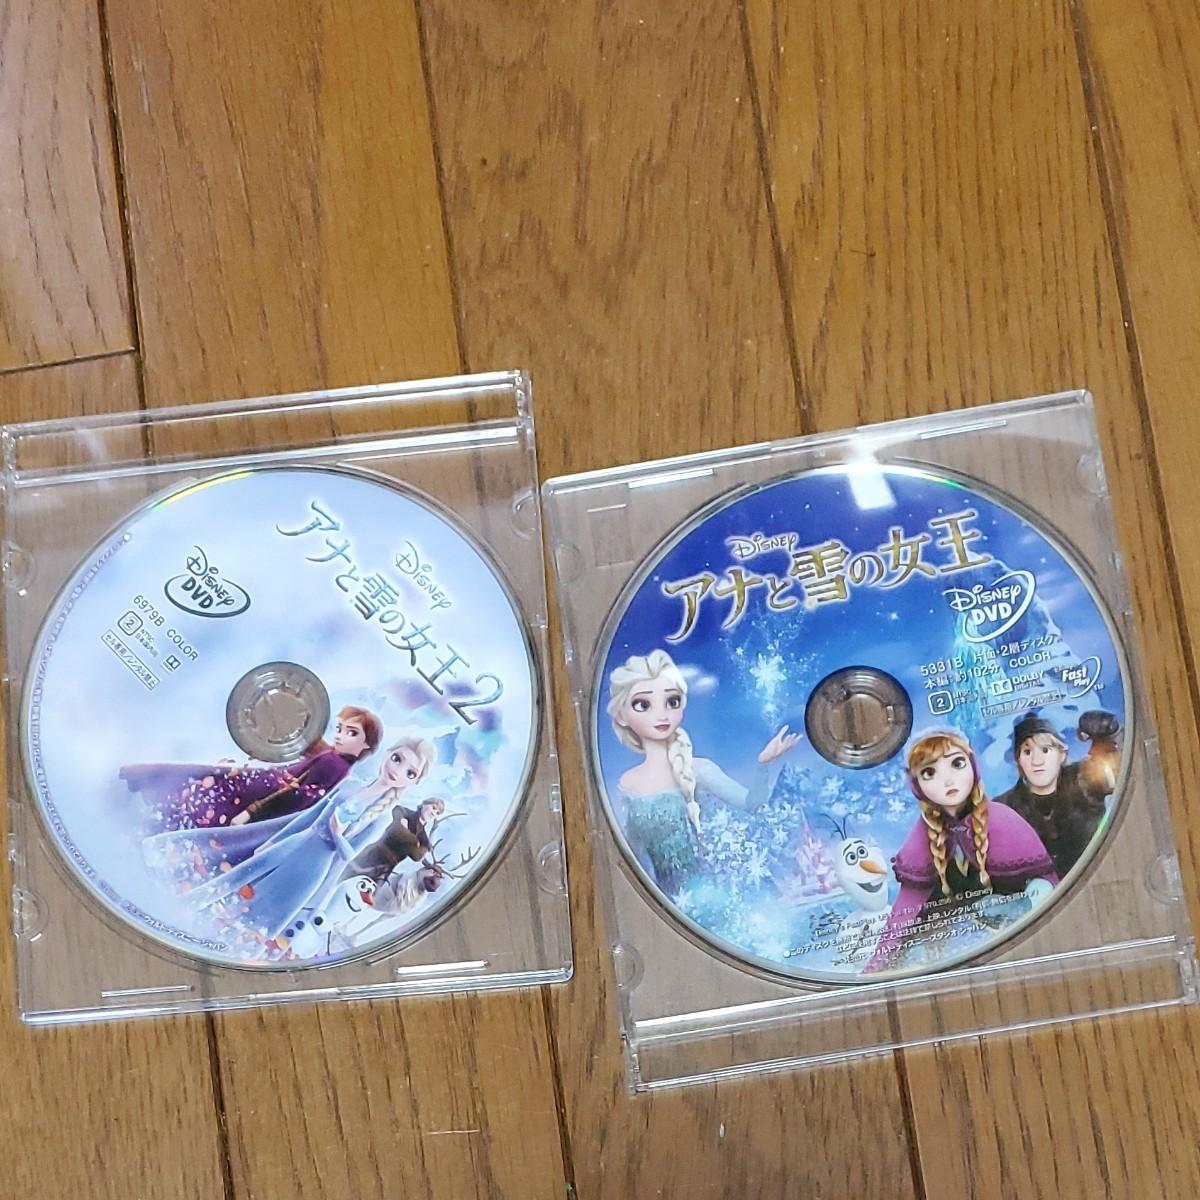 DVD ディズニー アナと雪の女王1+2 アナ雪